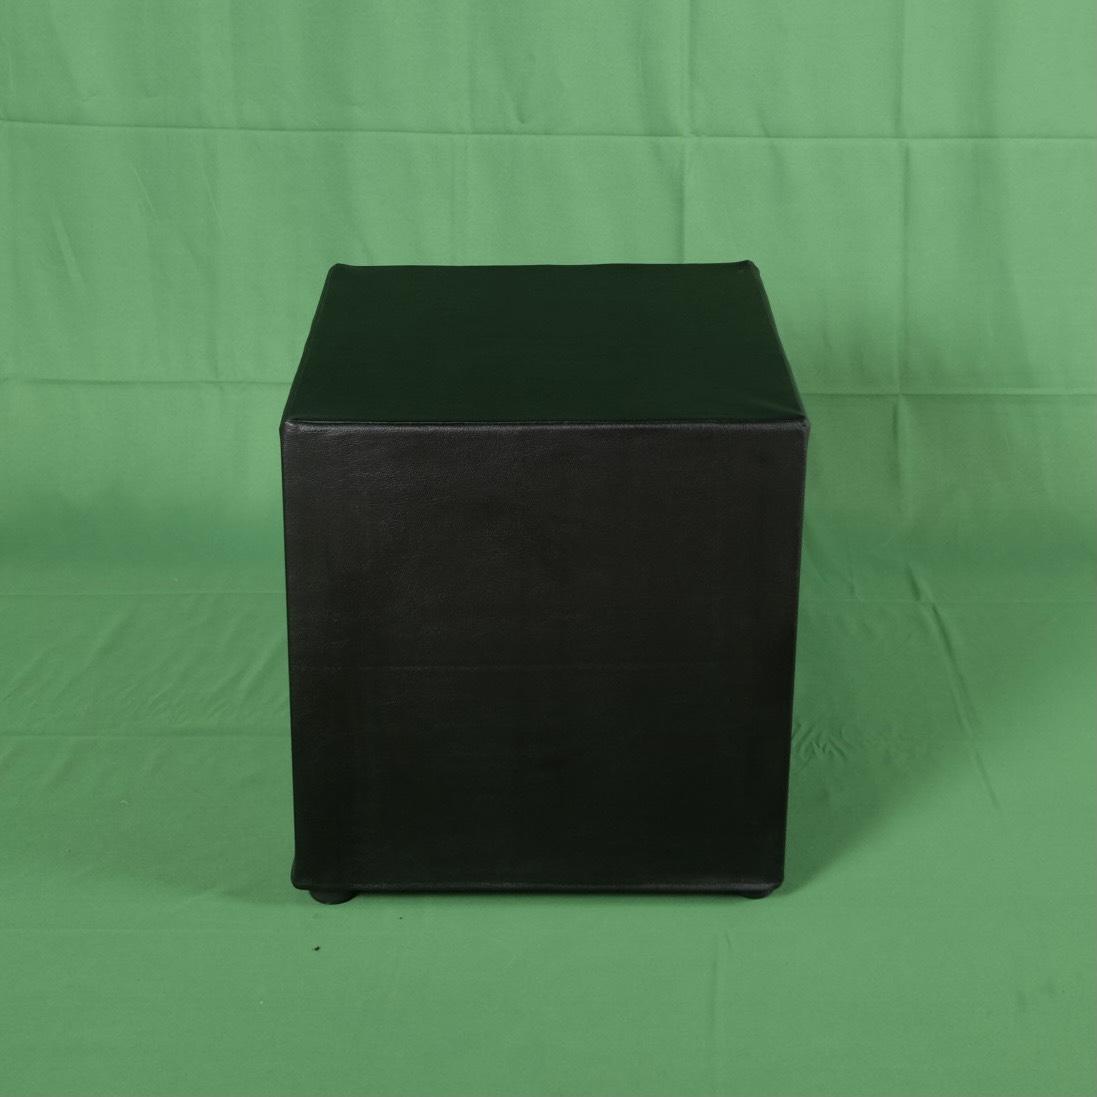 เก้าอี้สตูลลเต๋าสีดำ